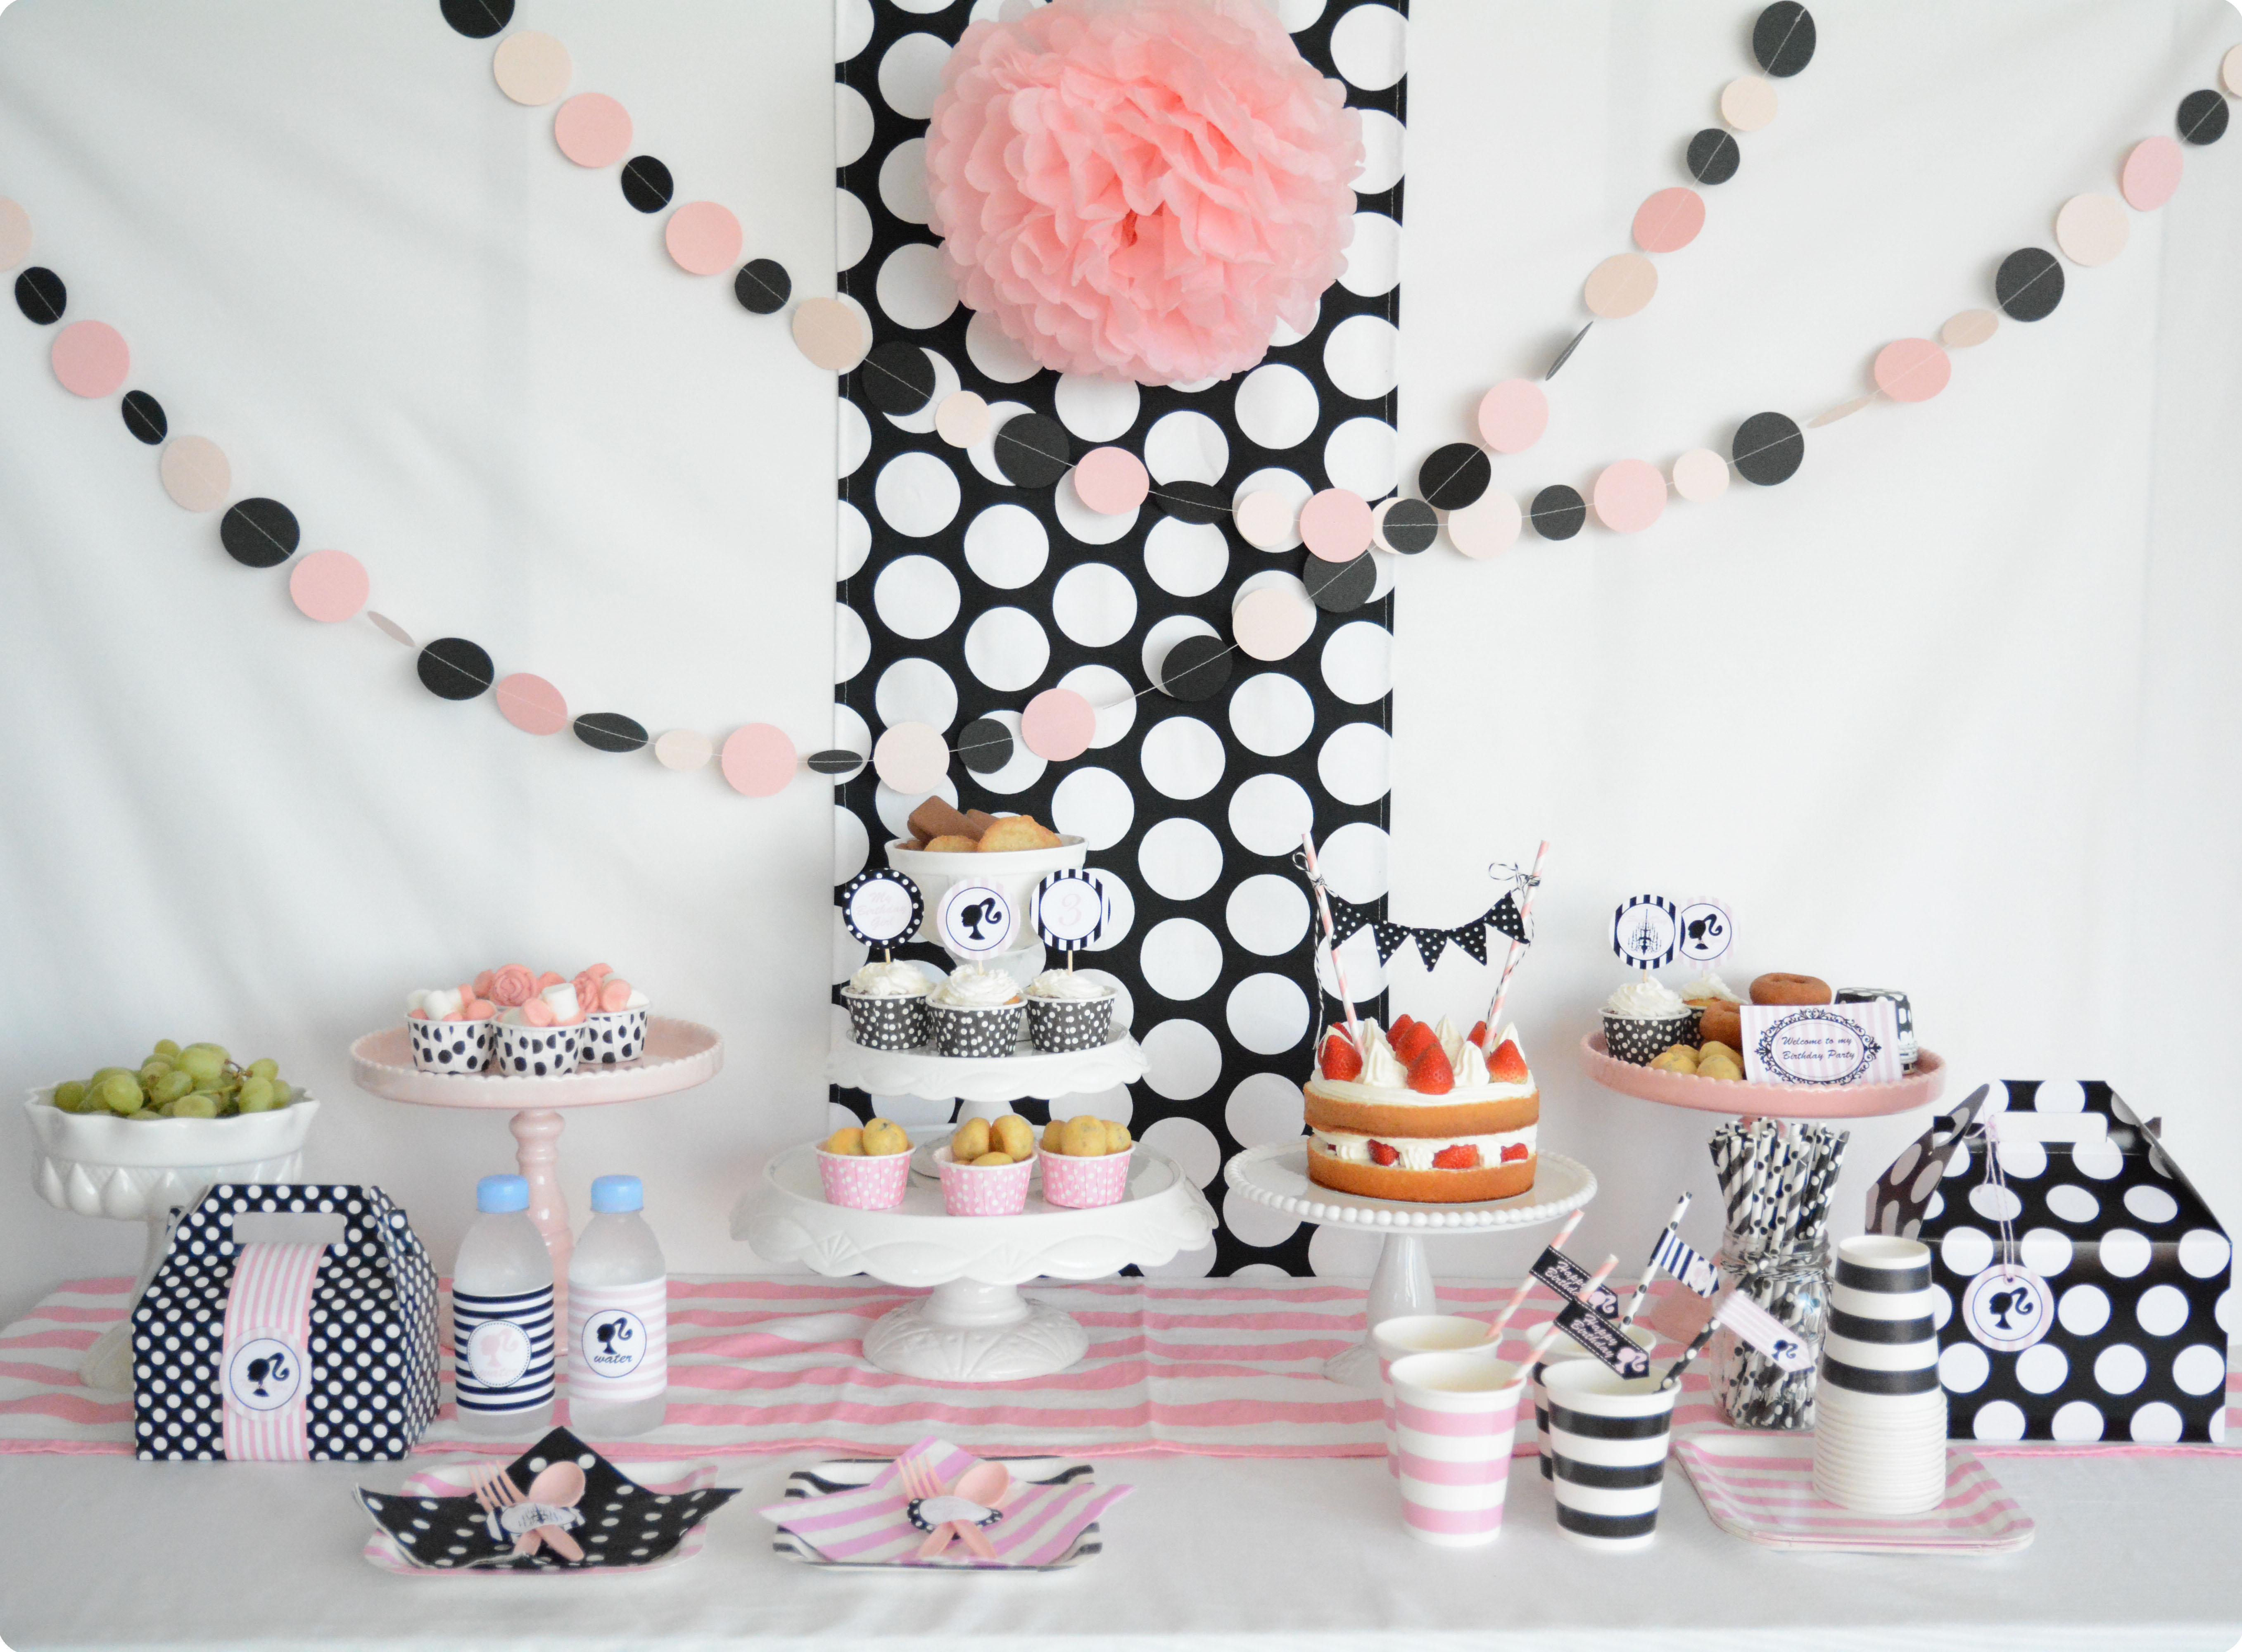 バービー テーマのお誕生日パーティー : Barbie Themed Birthday Party